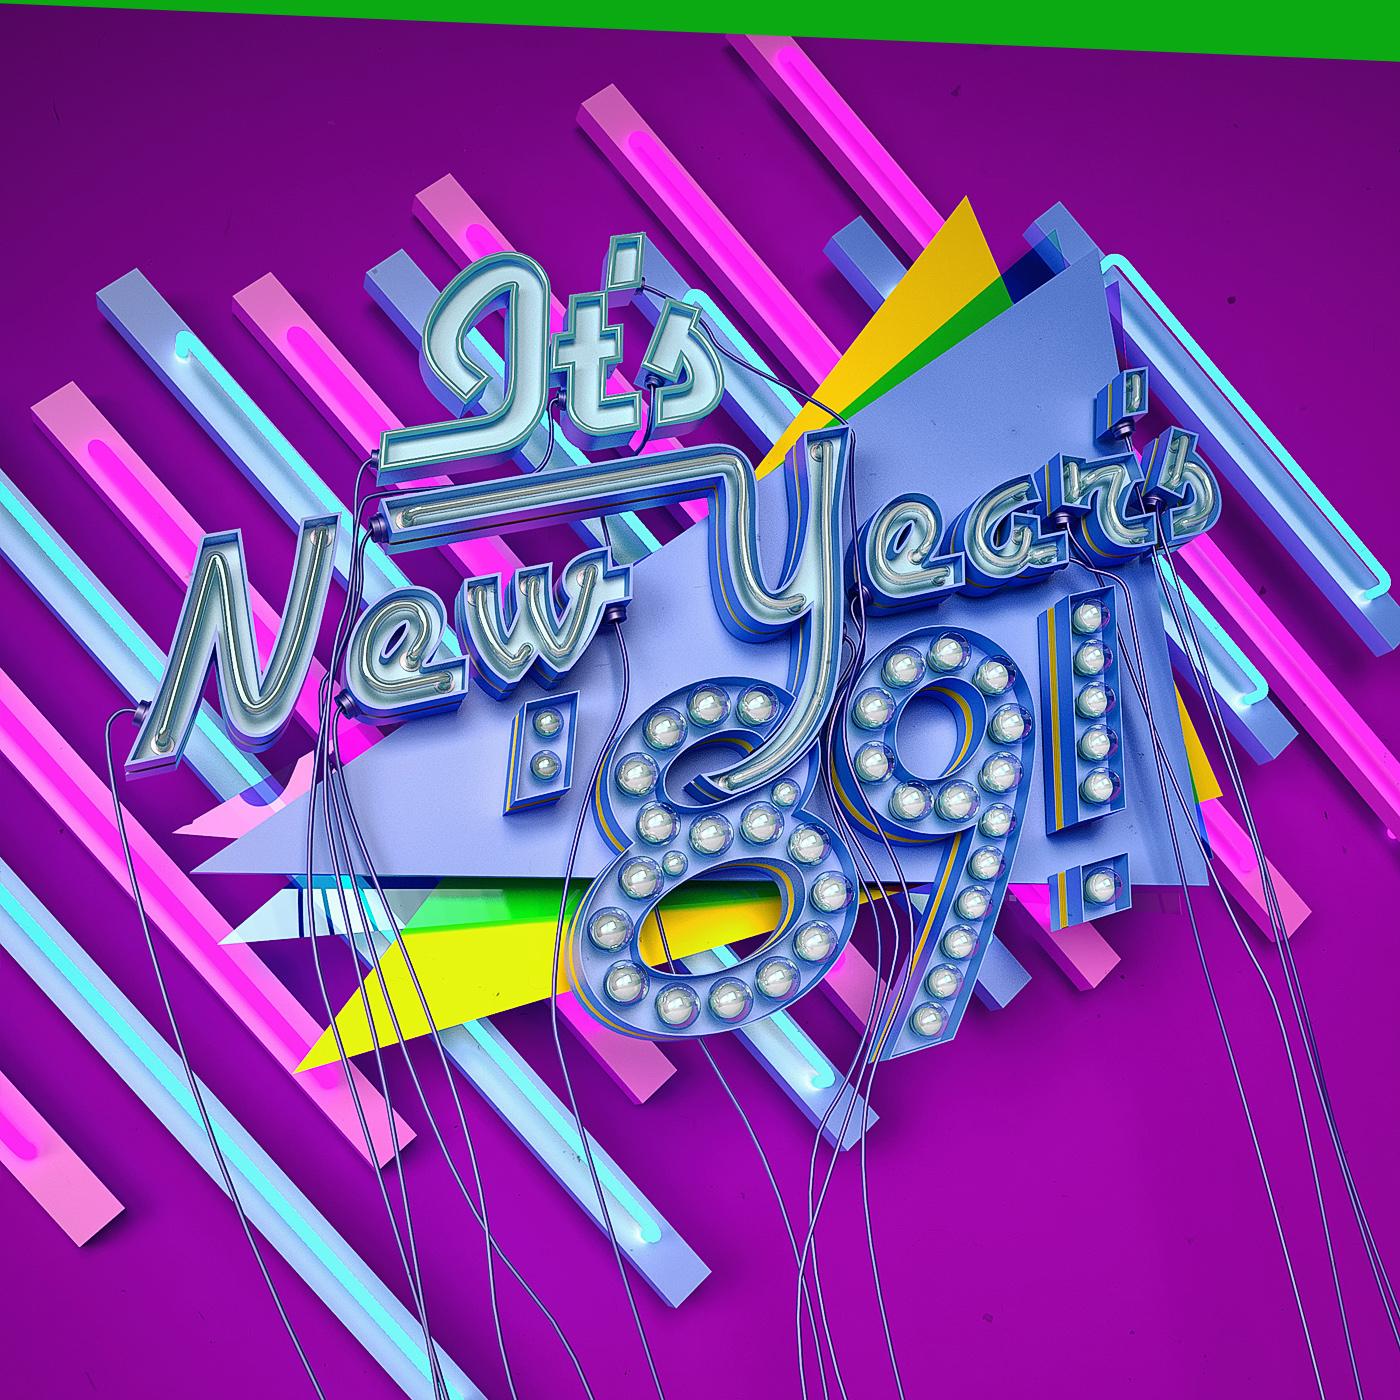 New Years' 89